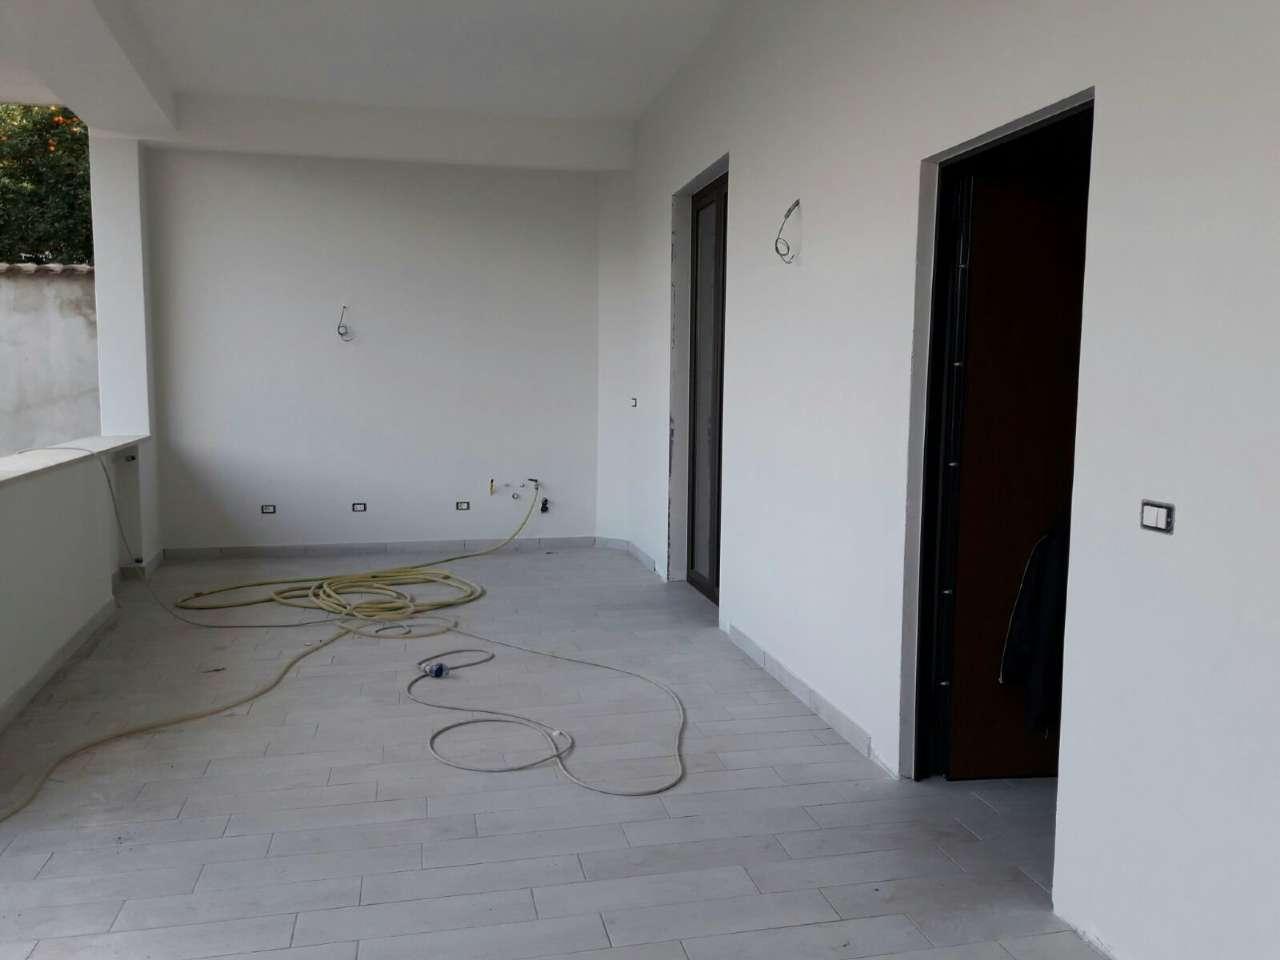 Appartamento in vendita a Mariglianella, 3 locali, prezzo € 140.000 | CambioCasa.it